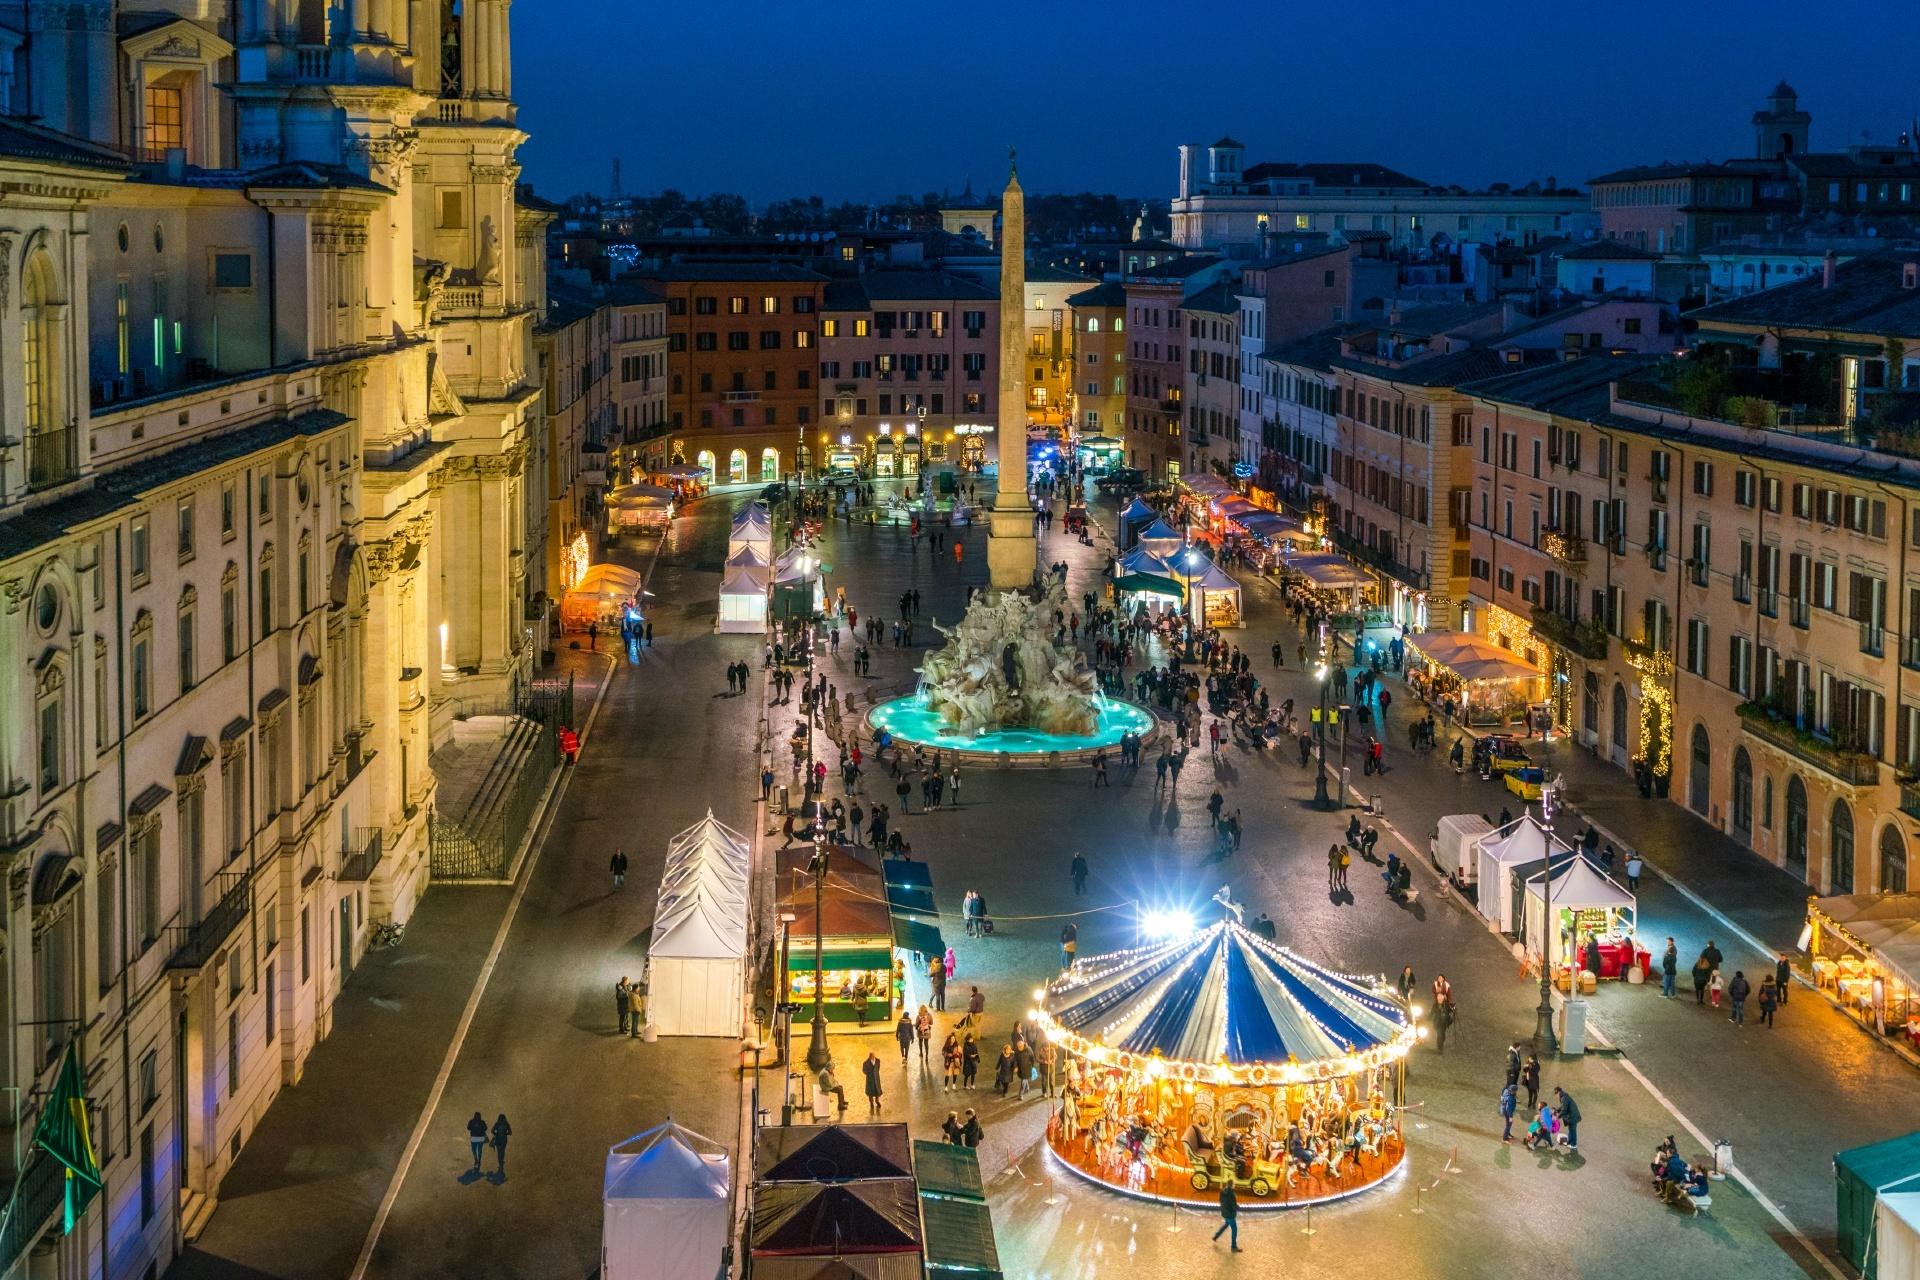 クリスマスのローマ ナヴォーナ広場の風景 イタリアのクリスマス